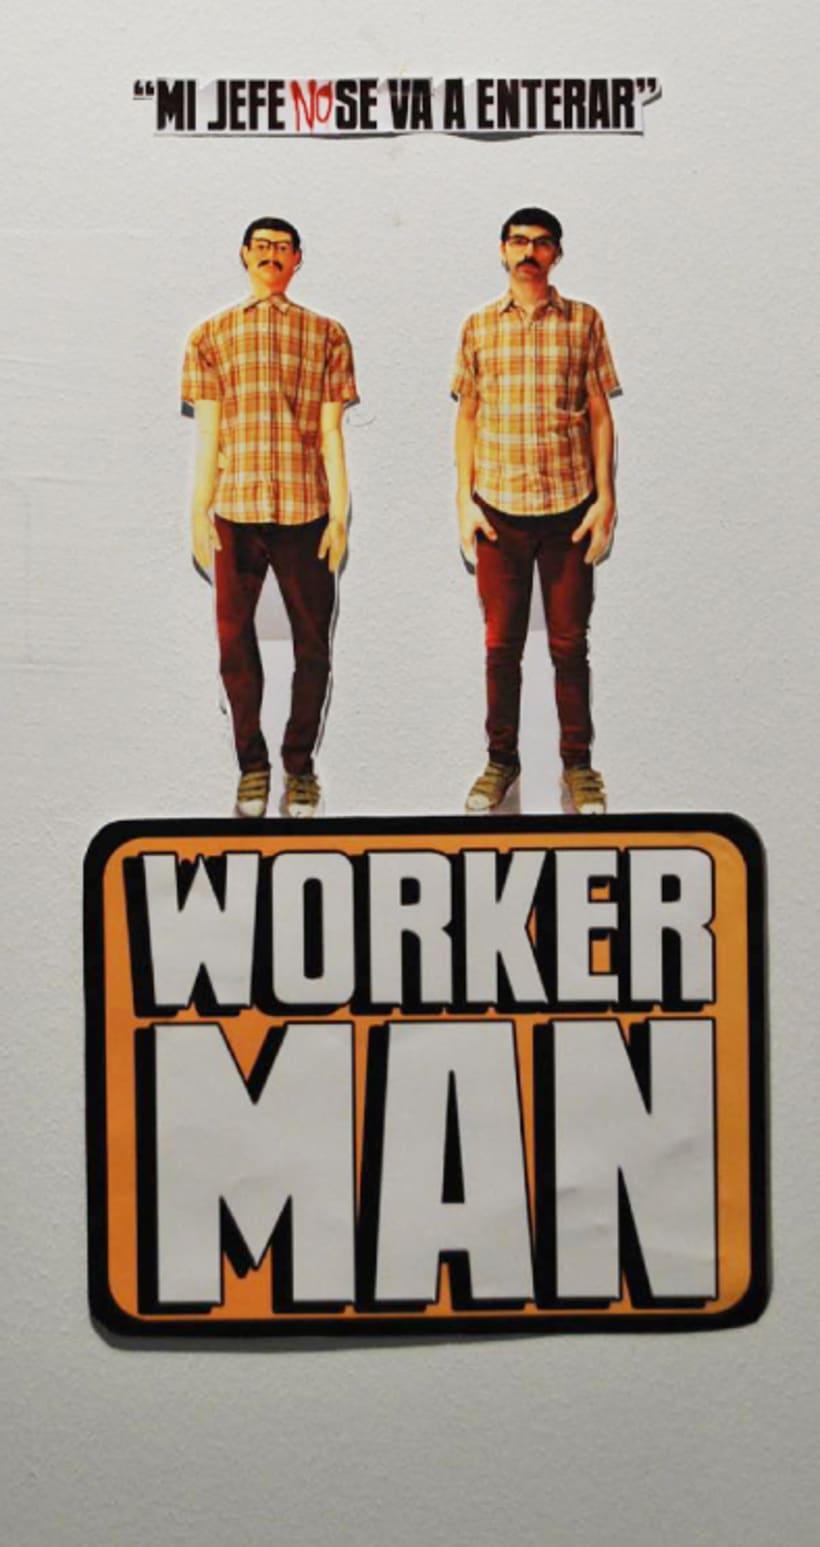 WORKER MAN 10